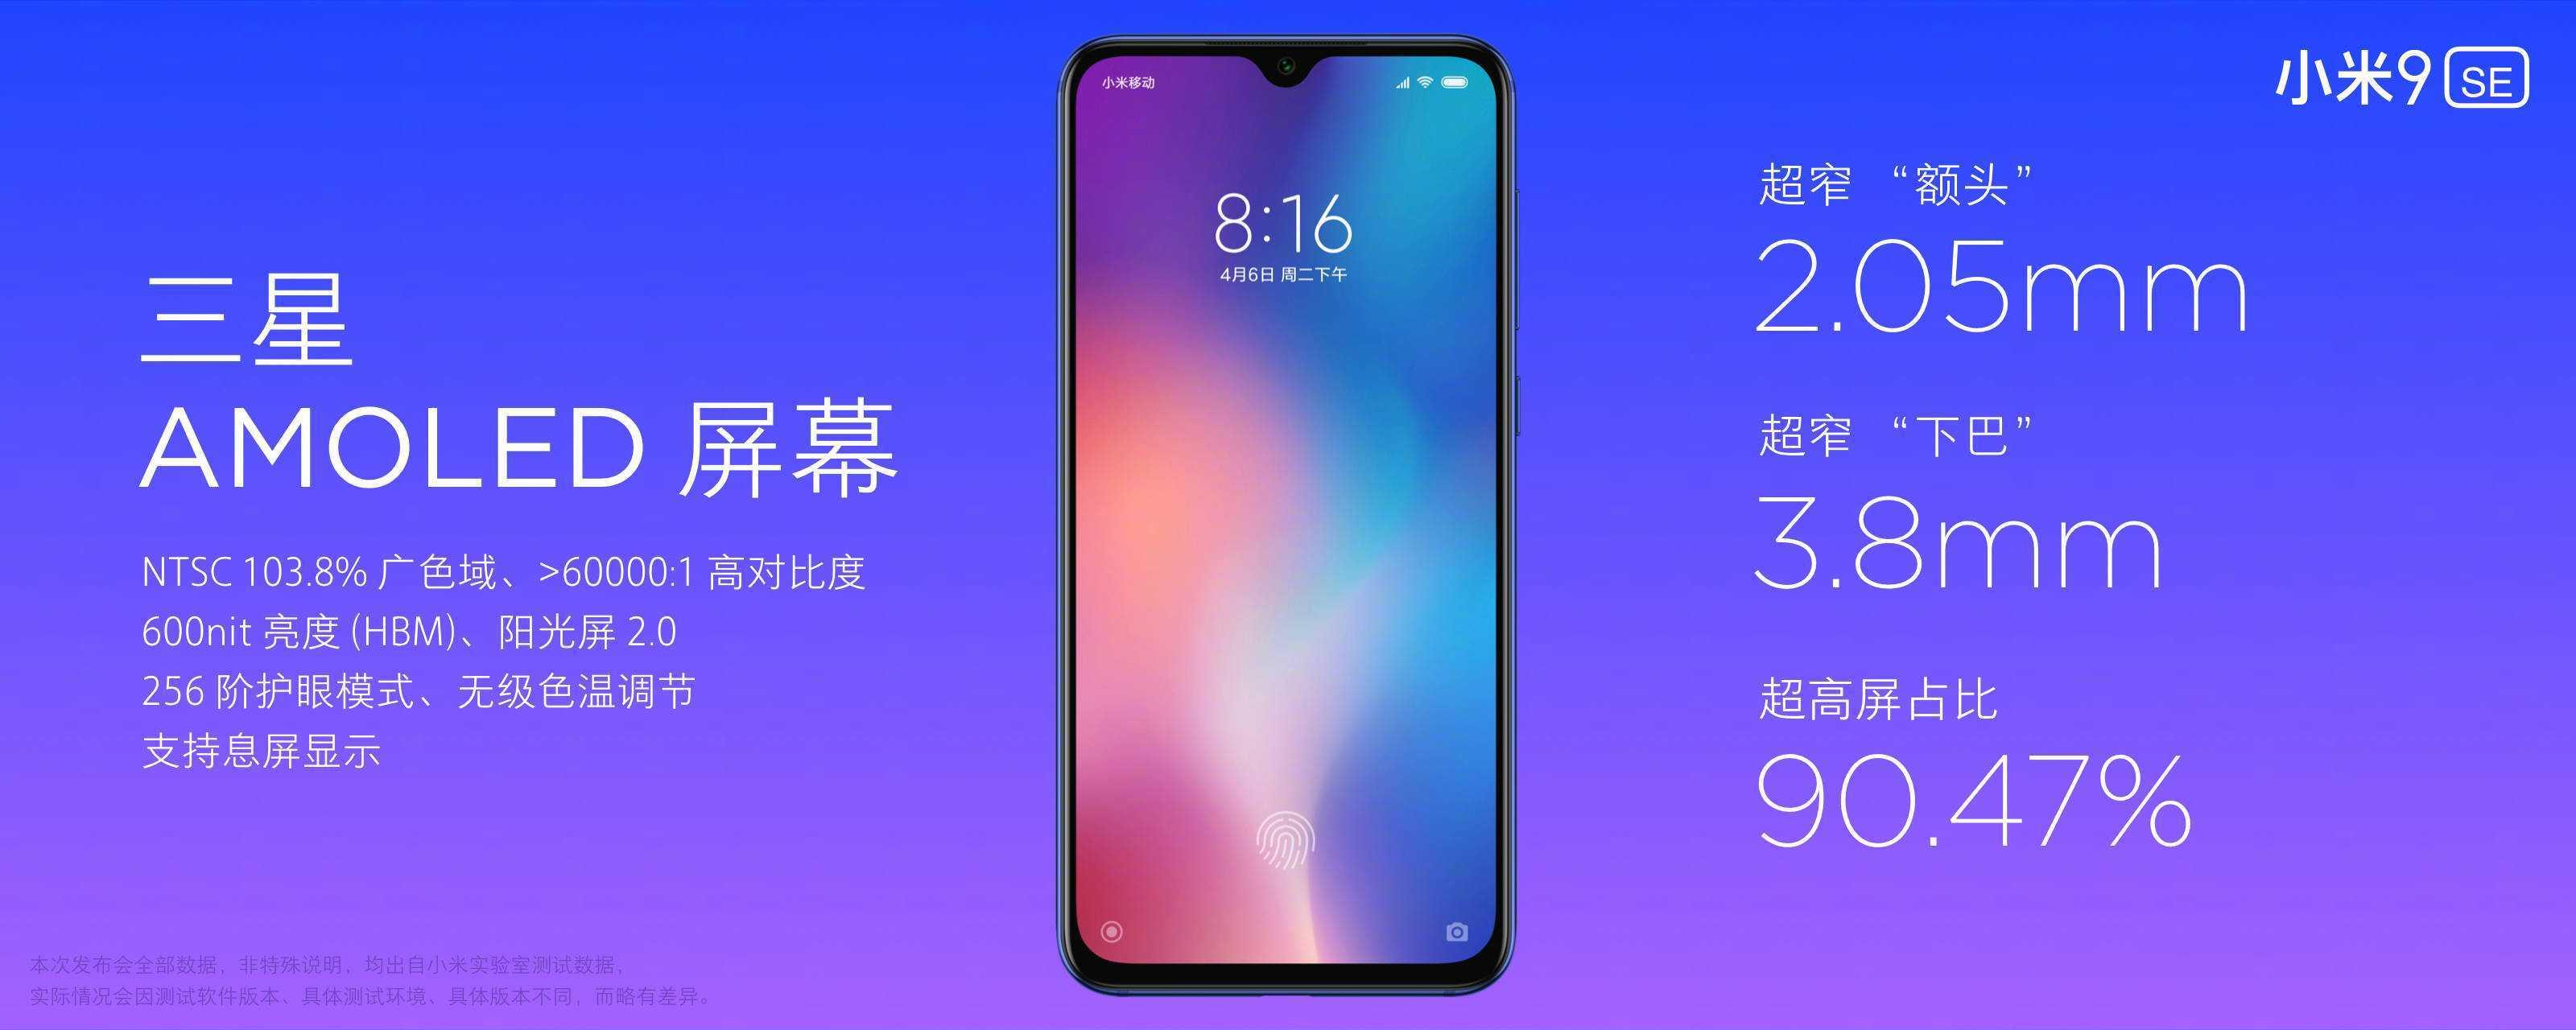 Xiaomi mi 9 в россии - цена, дата выхода и все, что нужно знать